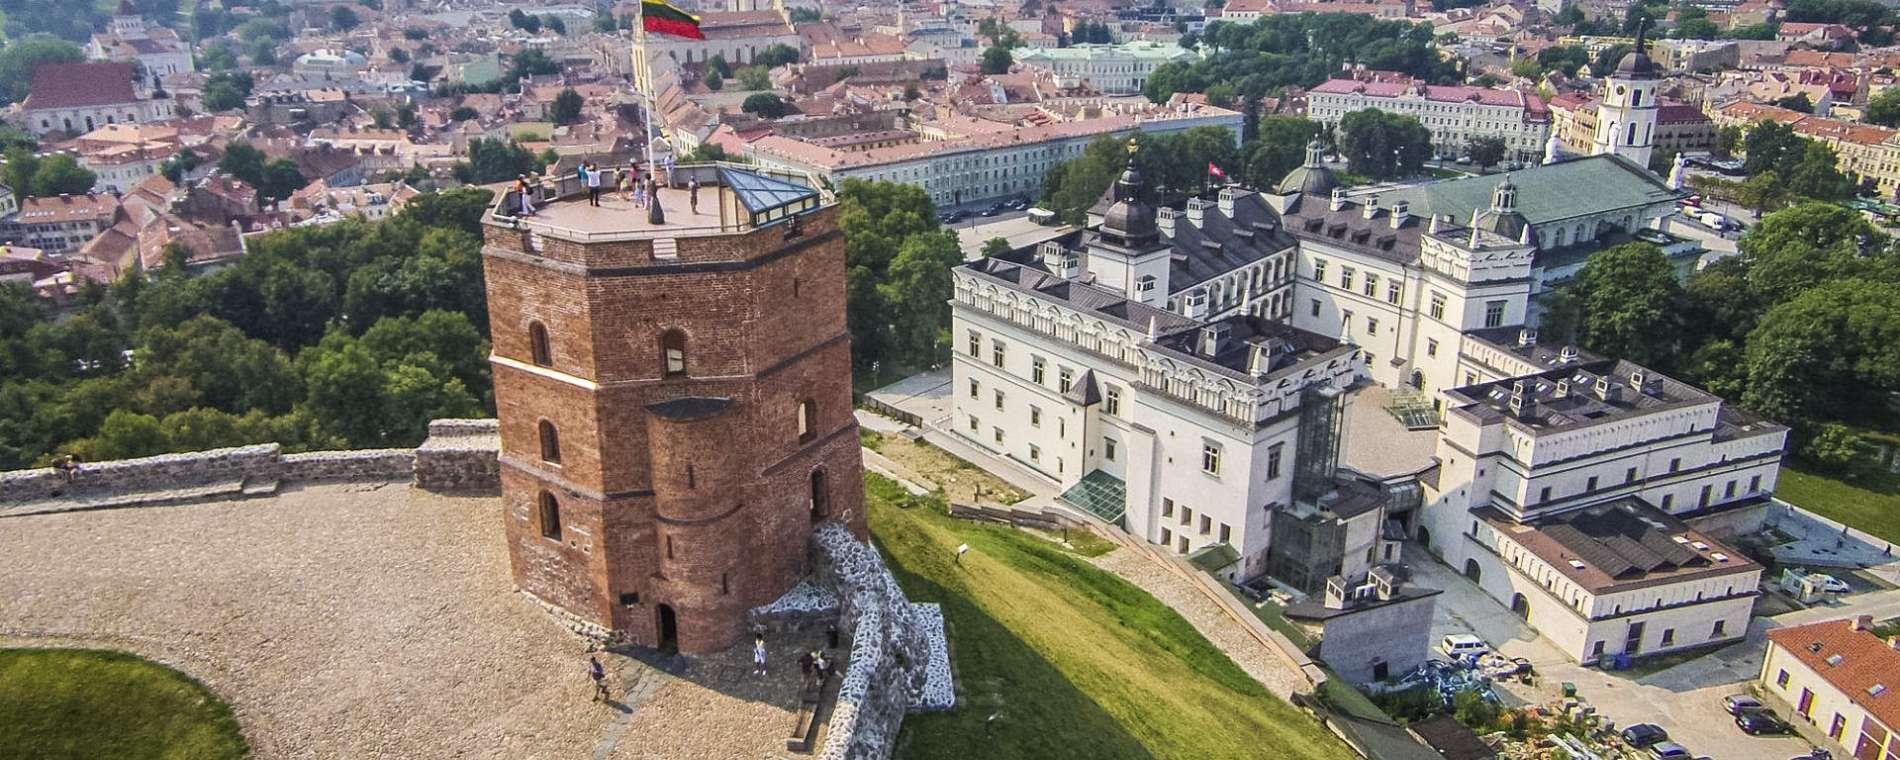 Картинки по запросу башня гедимина вильнюс